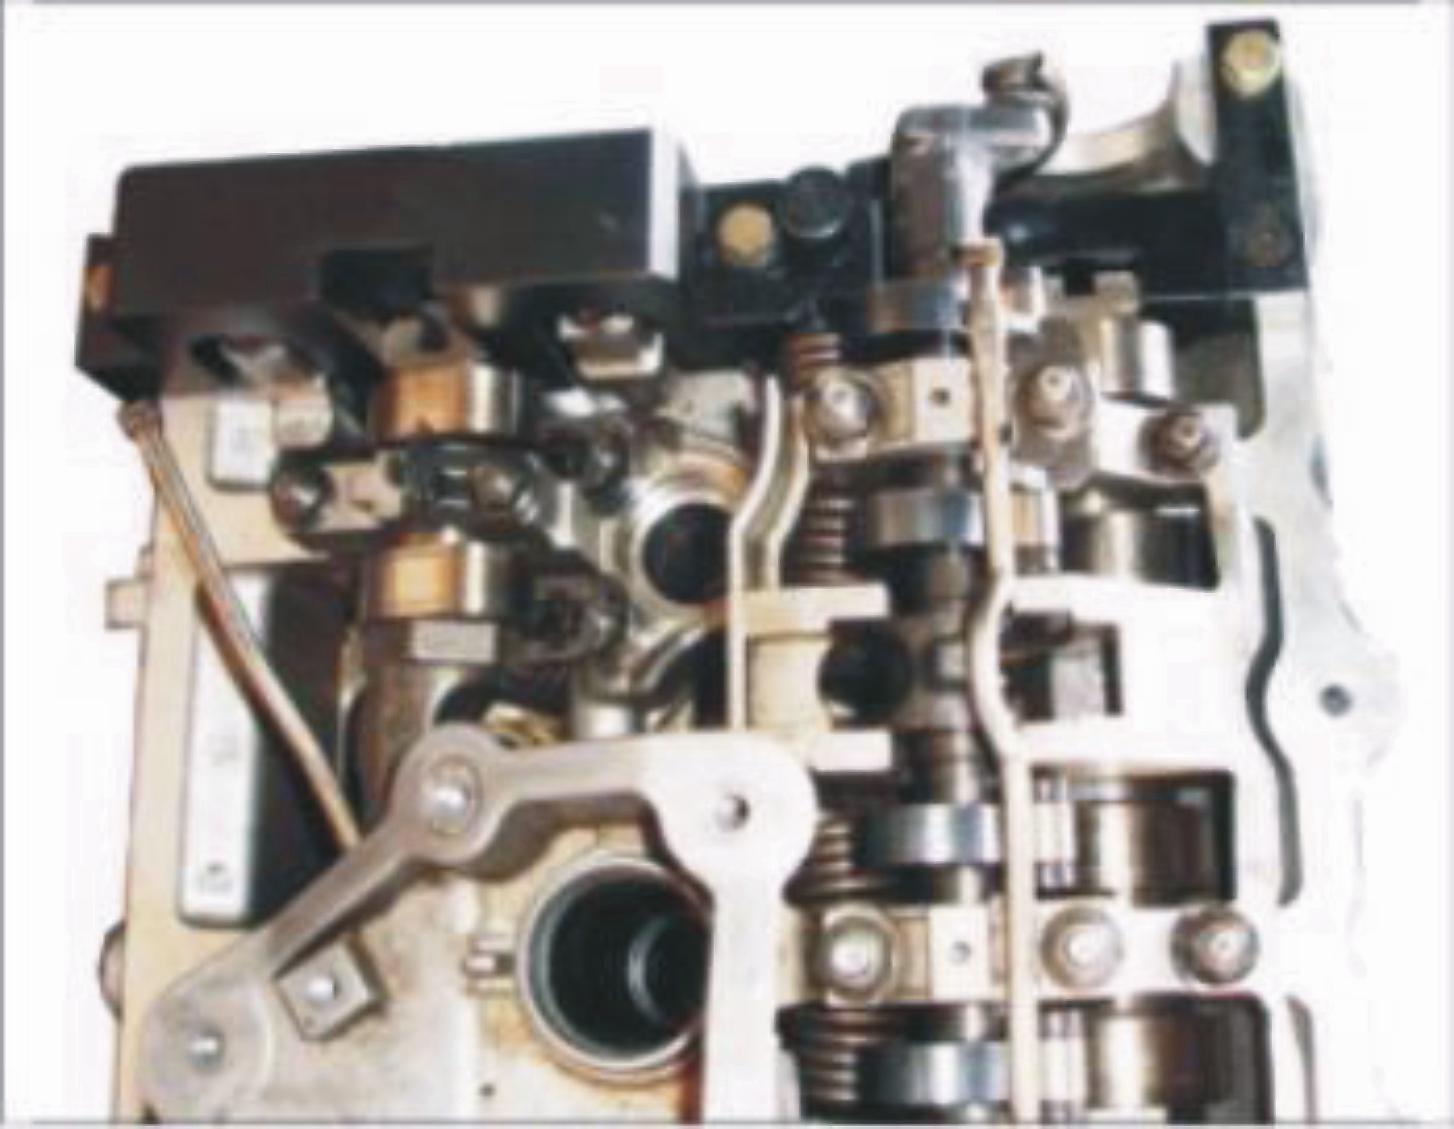 Camshaft Alignment Tool Engine Timing Body Repair Kitvt01079